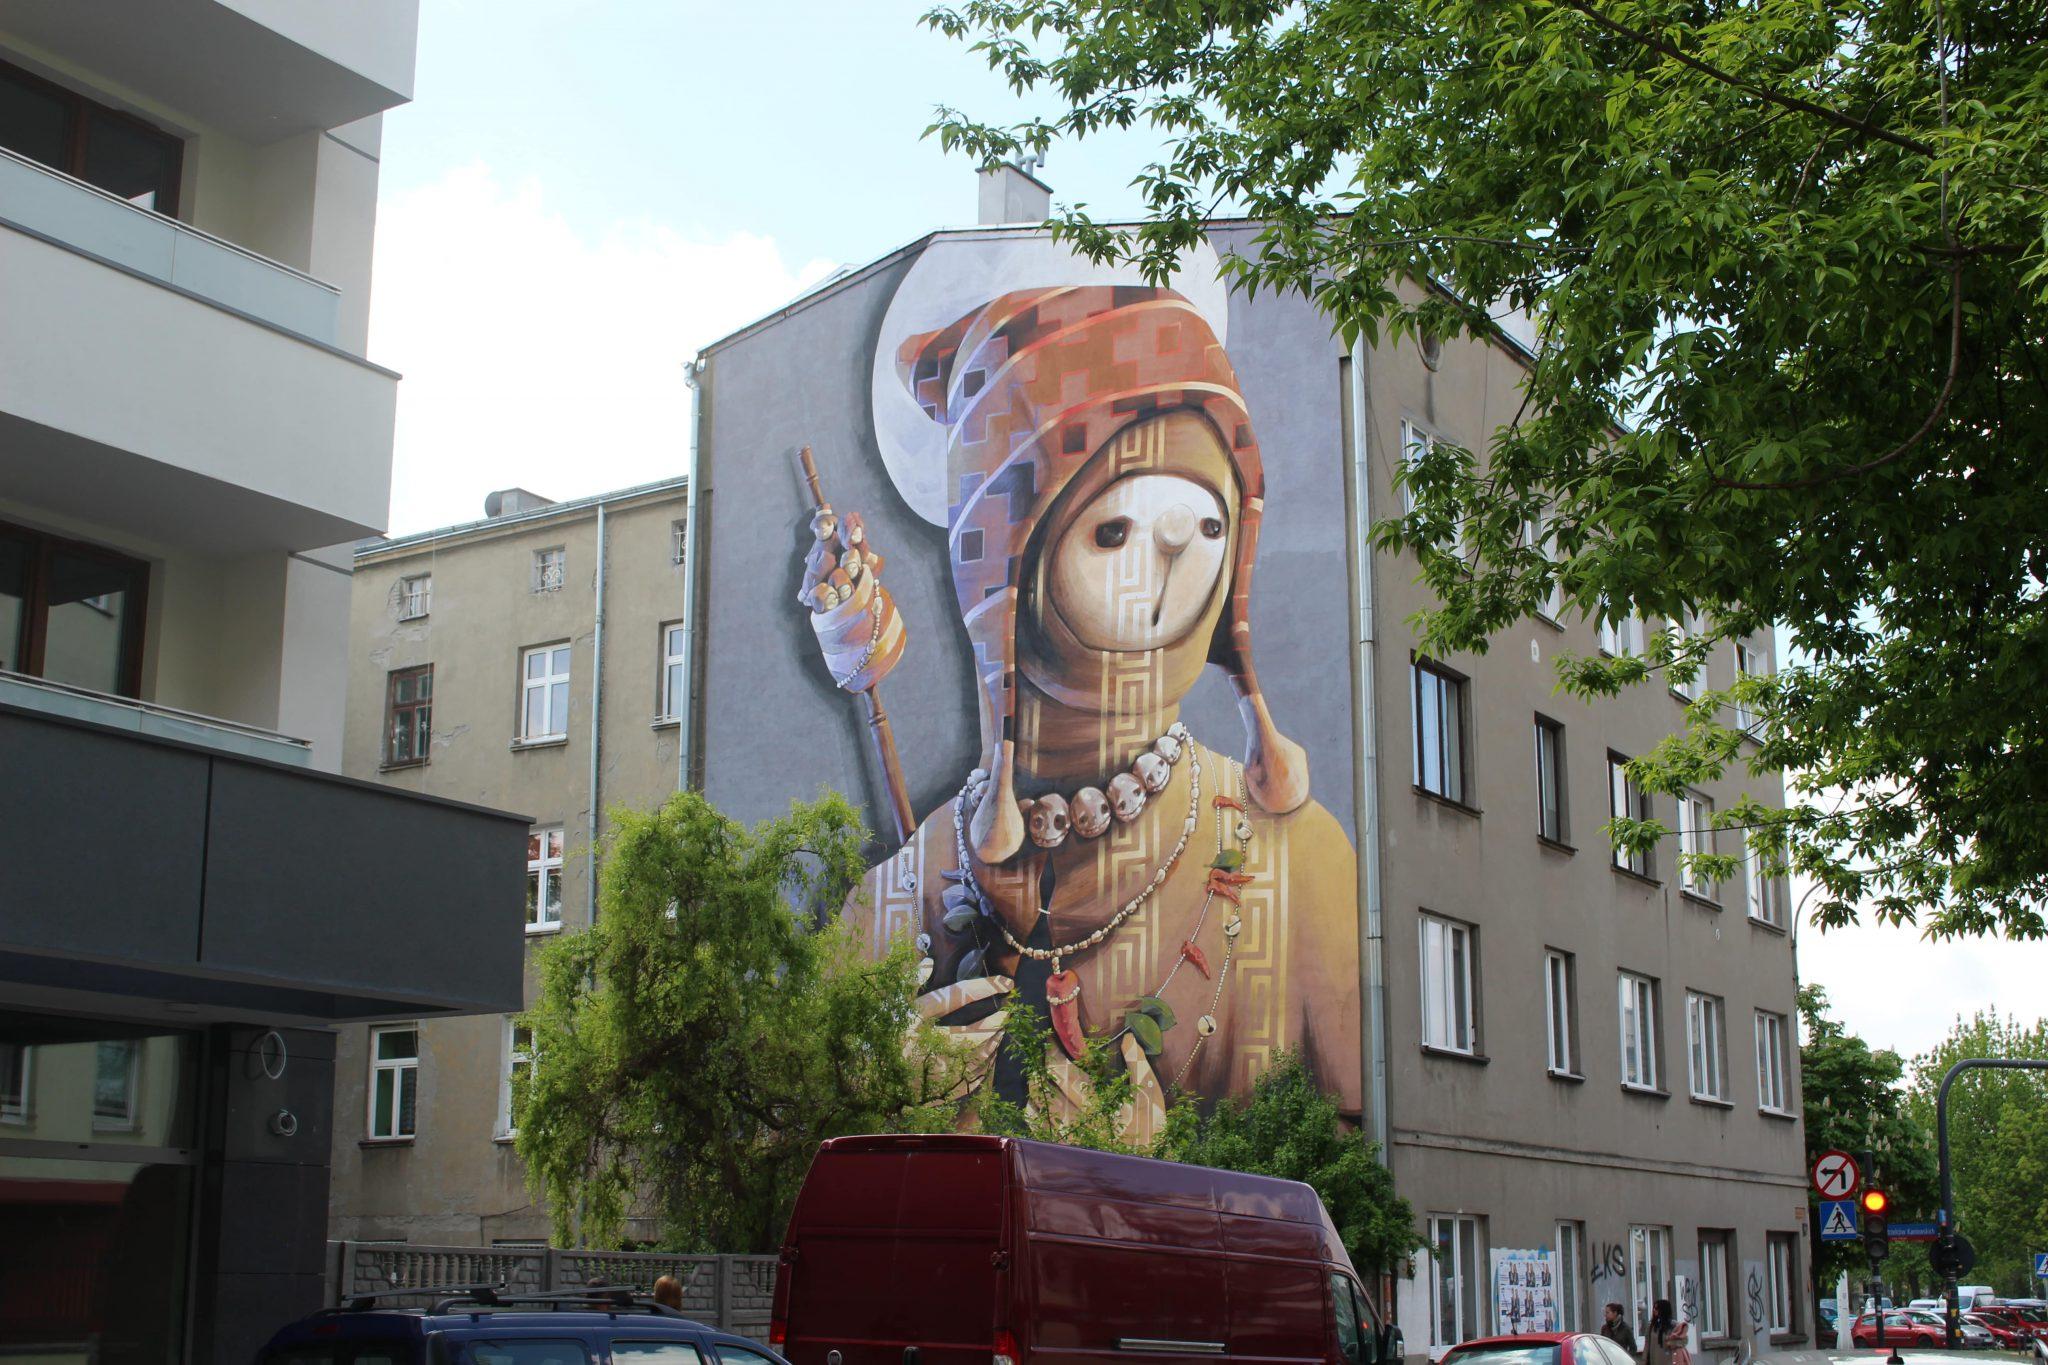 Lodz Polen street art mural